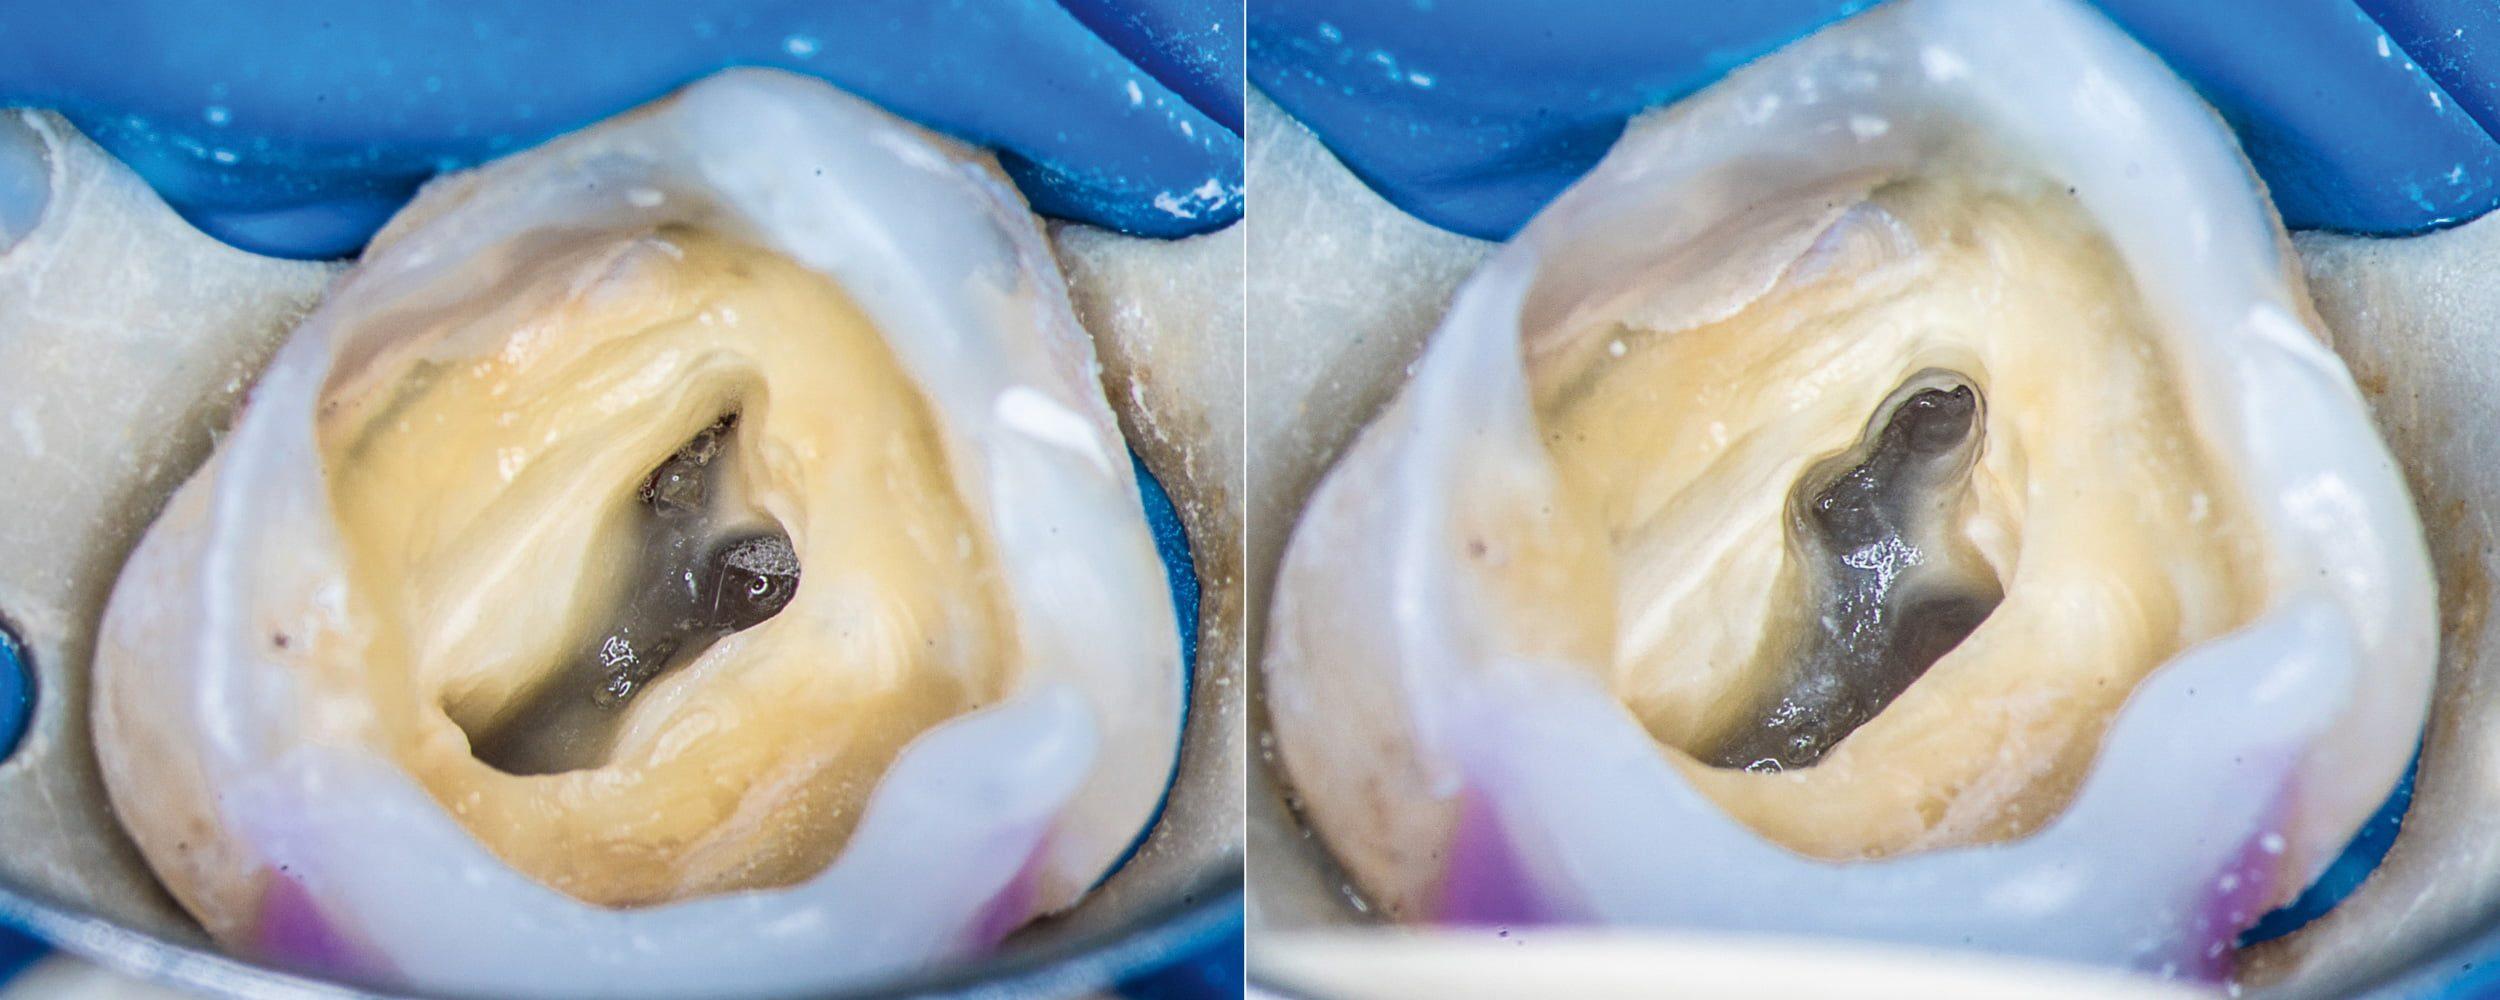 Przypadek 4 | Ryc. 20. Widok komory po usunięciu miazgi. Widoczna cieśń łącząca ujścia kanałów MB1 i MB2.